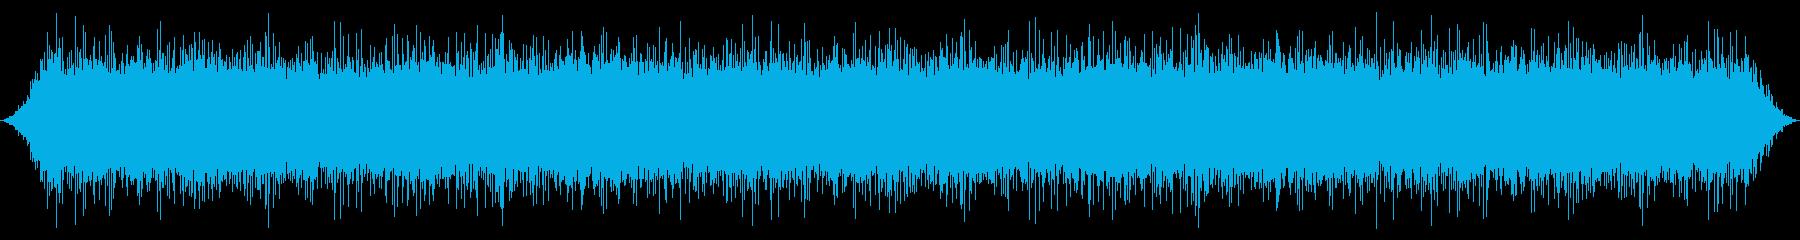 スモールリバーオアスプリング:Li...の再生済みの波形